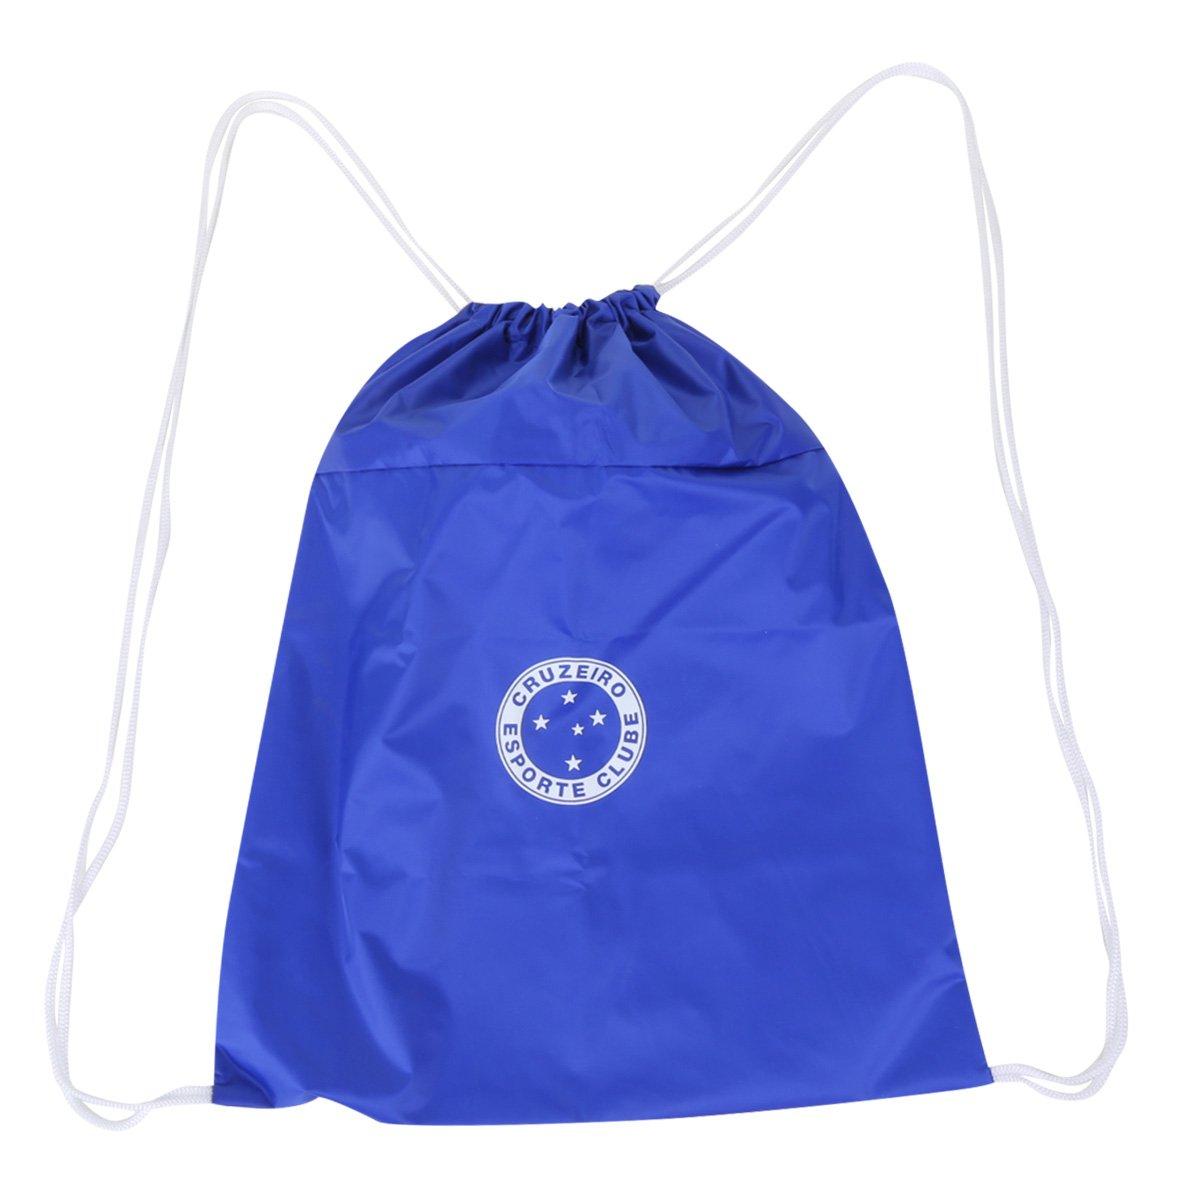 Sacola Cruzeiro Gym Sack